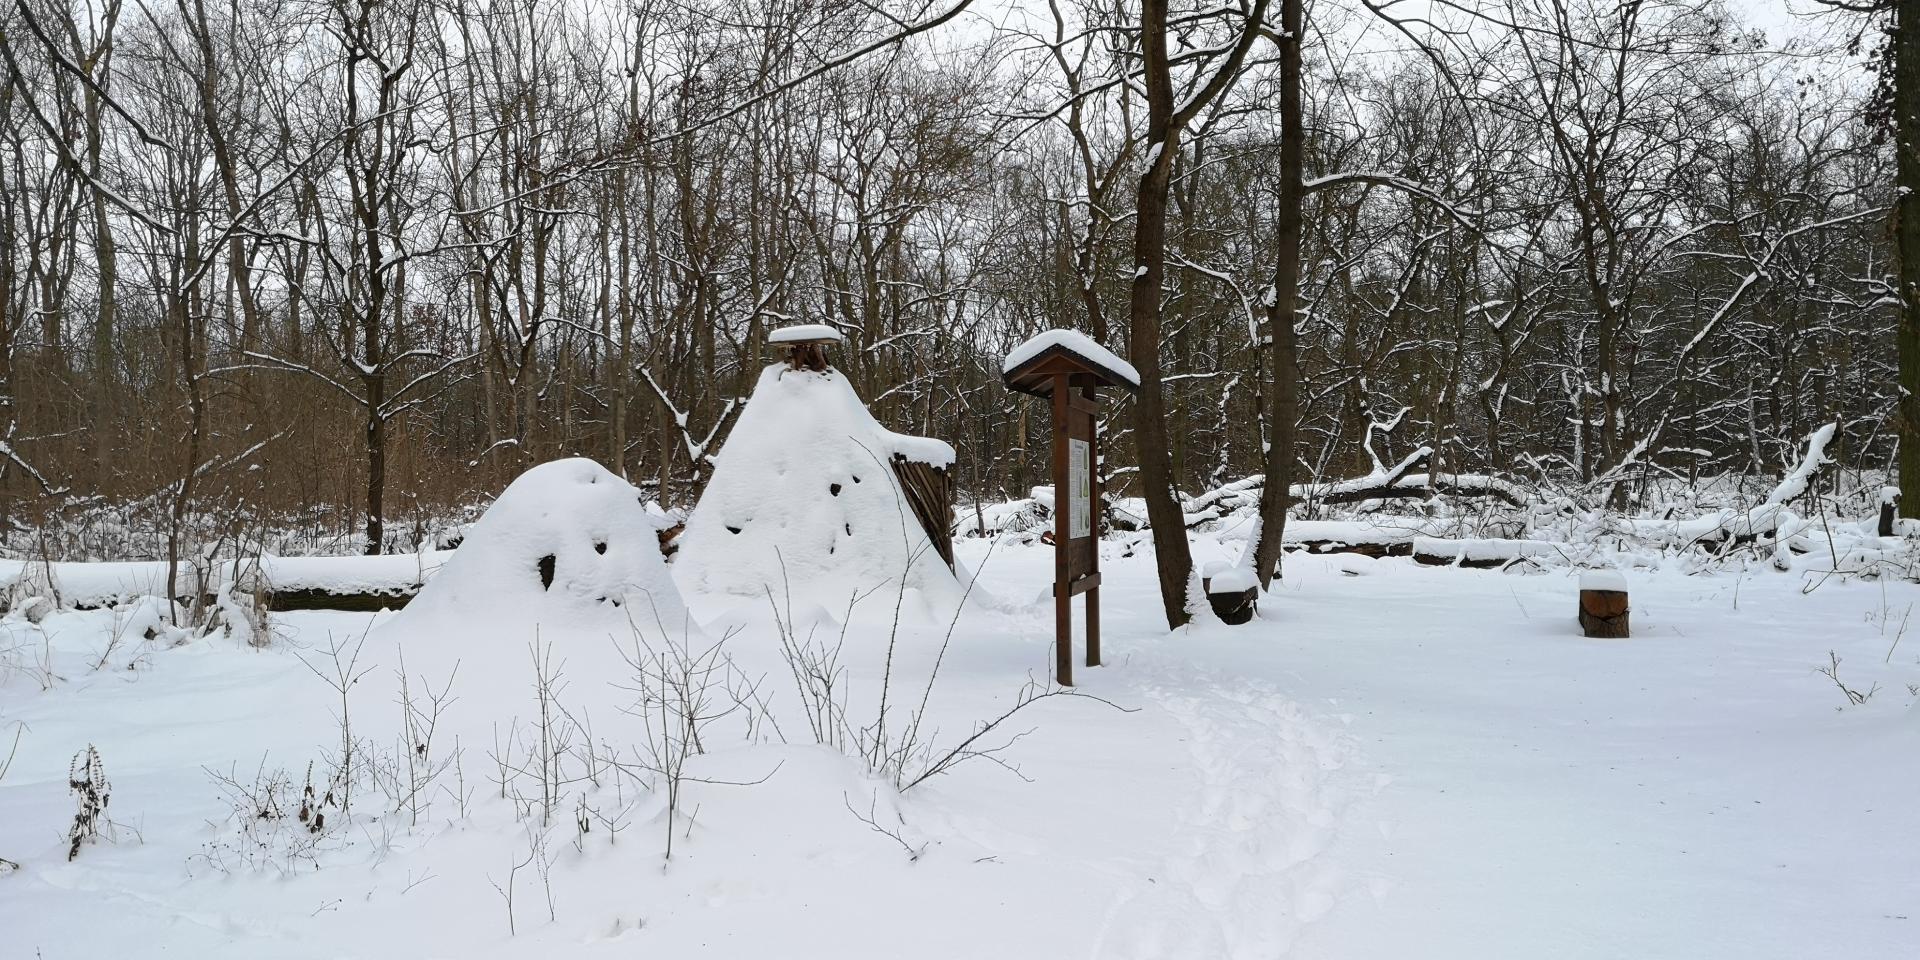 Köhlerhütte wurde zum Iglu